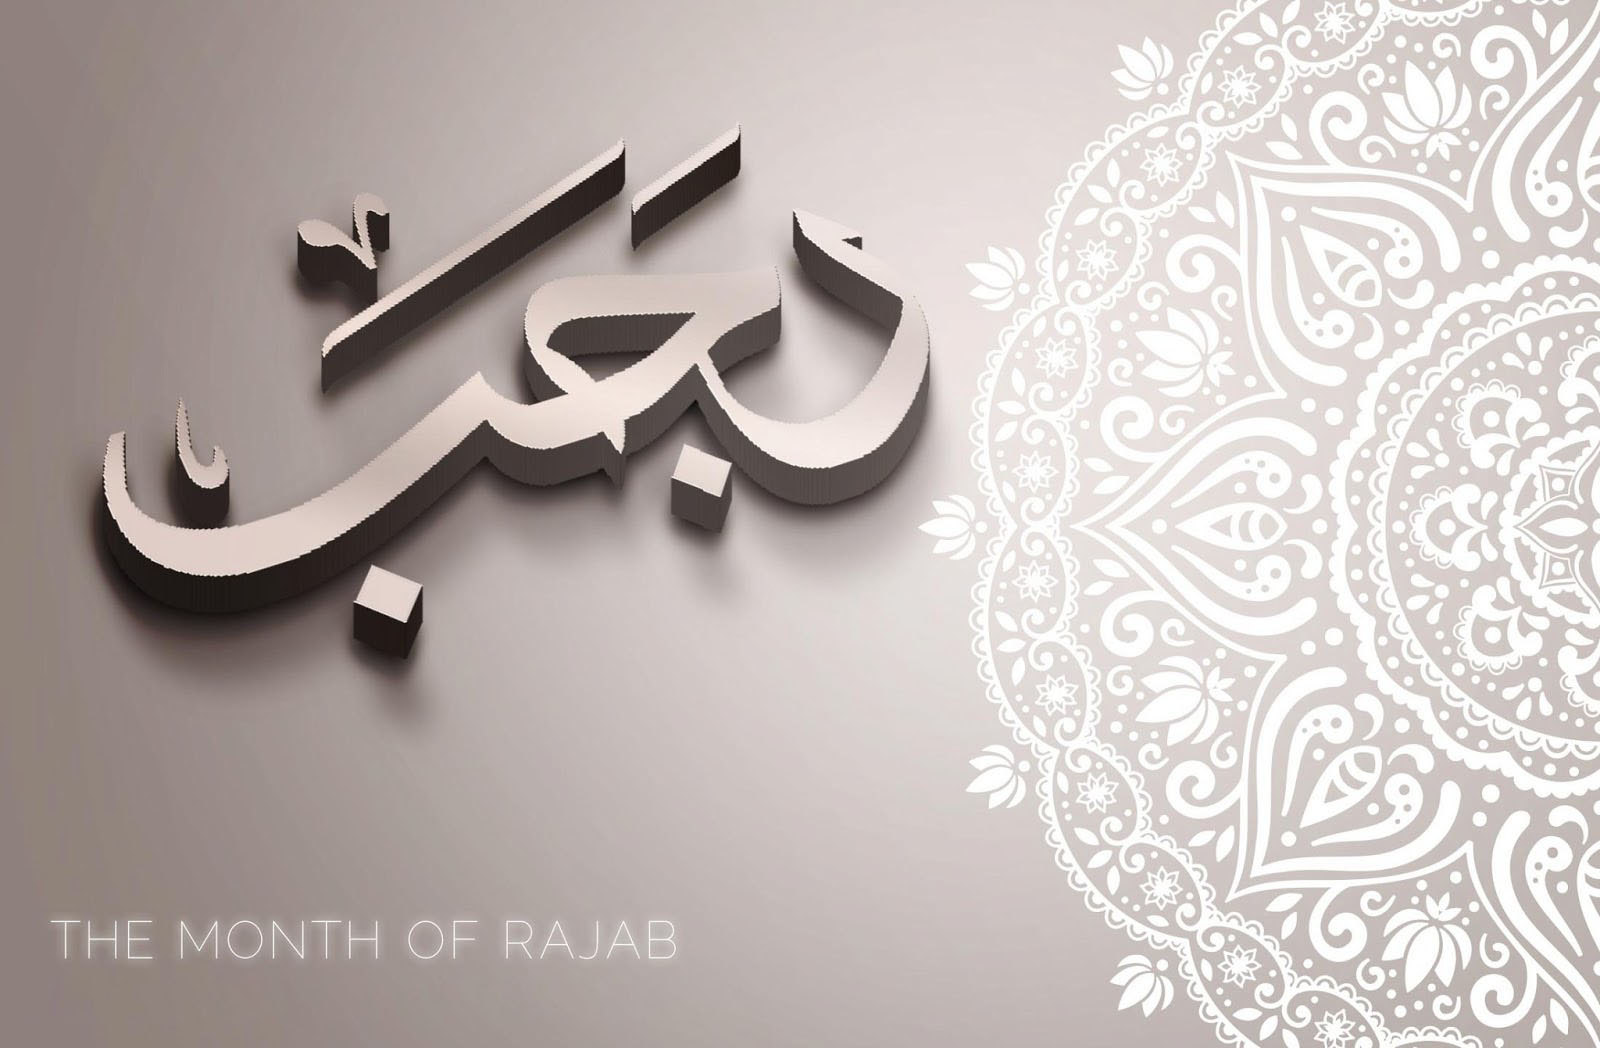 Вопросы и ответы о Раджабе: 2. Пост в первые три дня месяца Раджаб